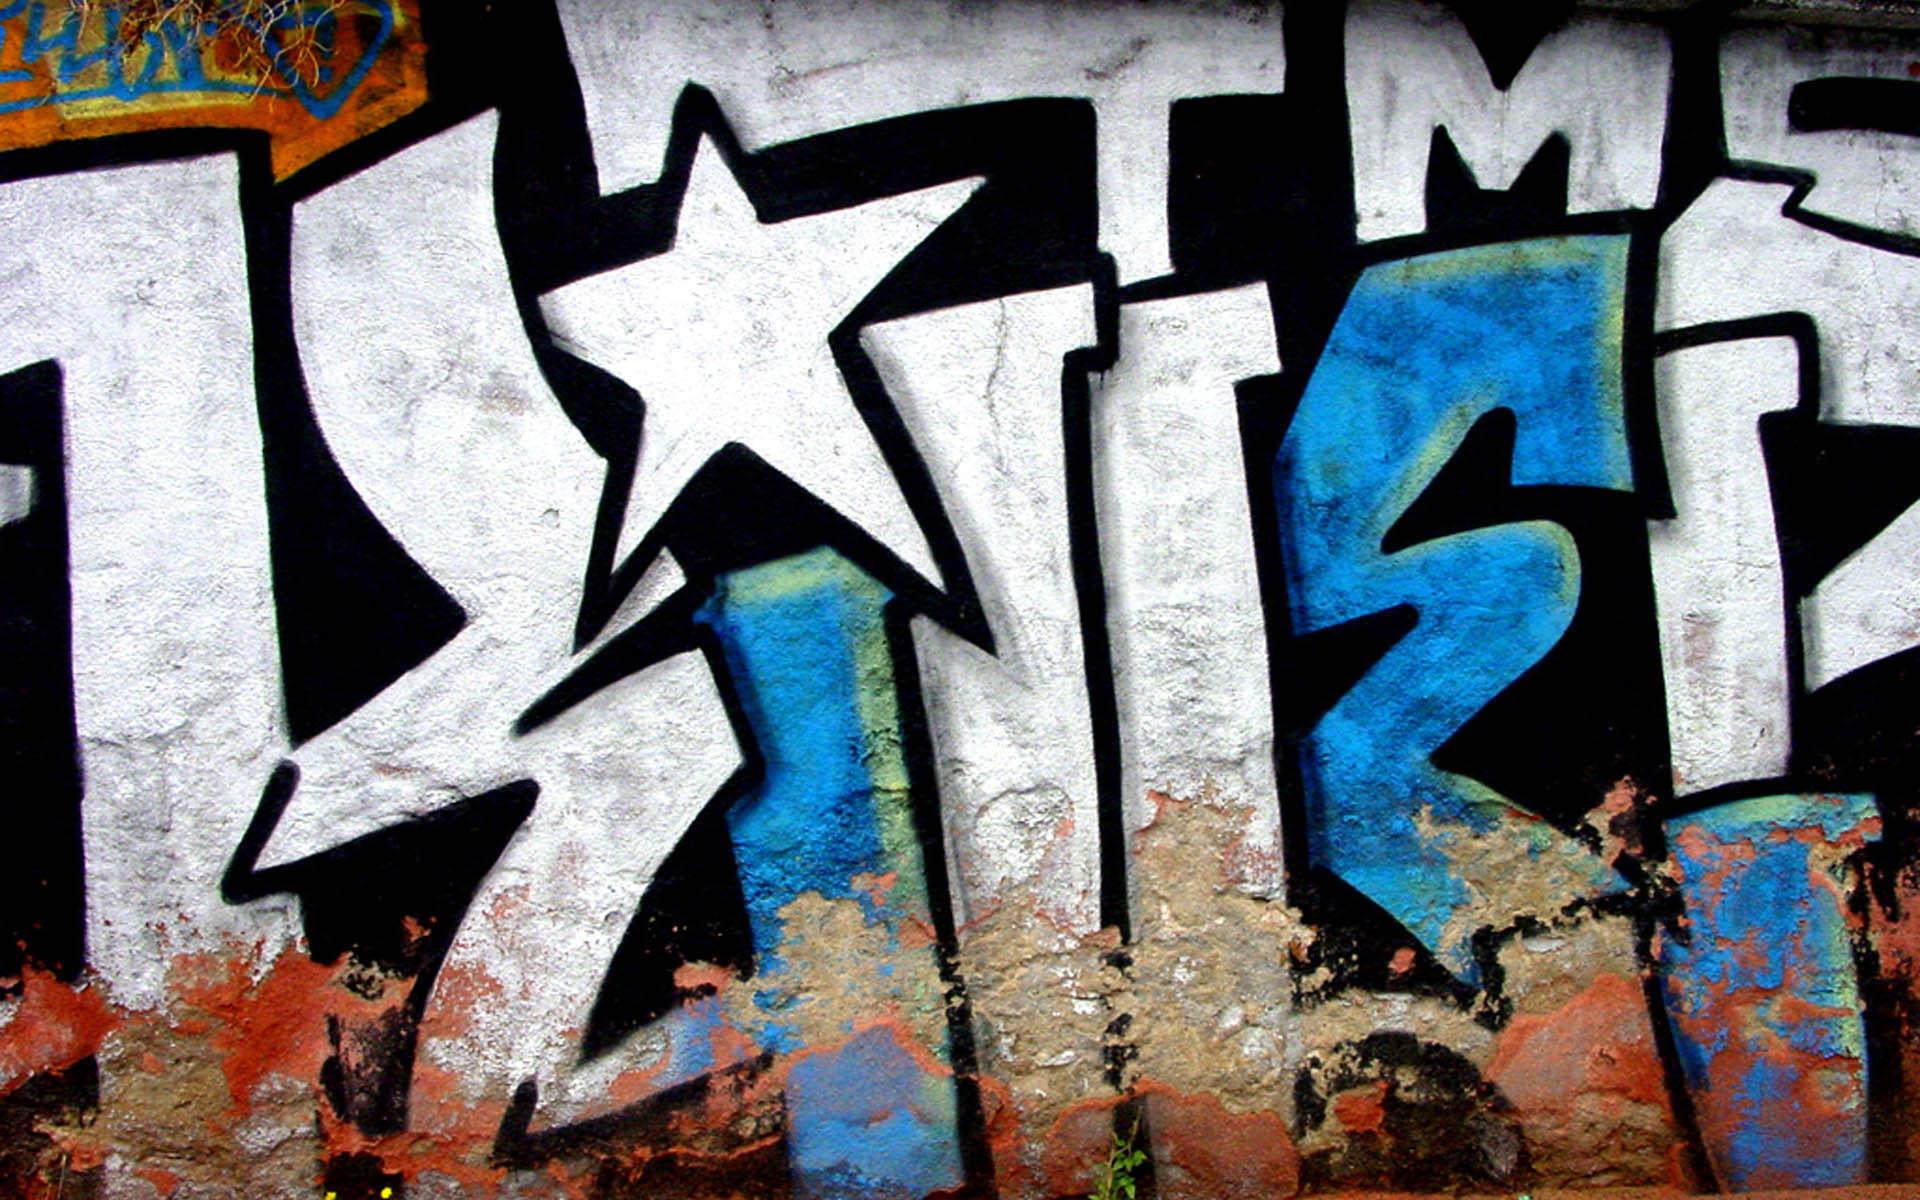 HD Graffiti Backgrounds